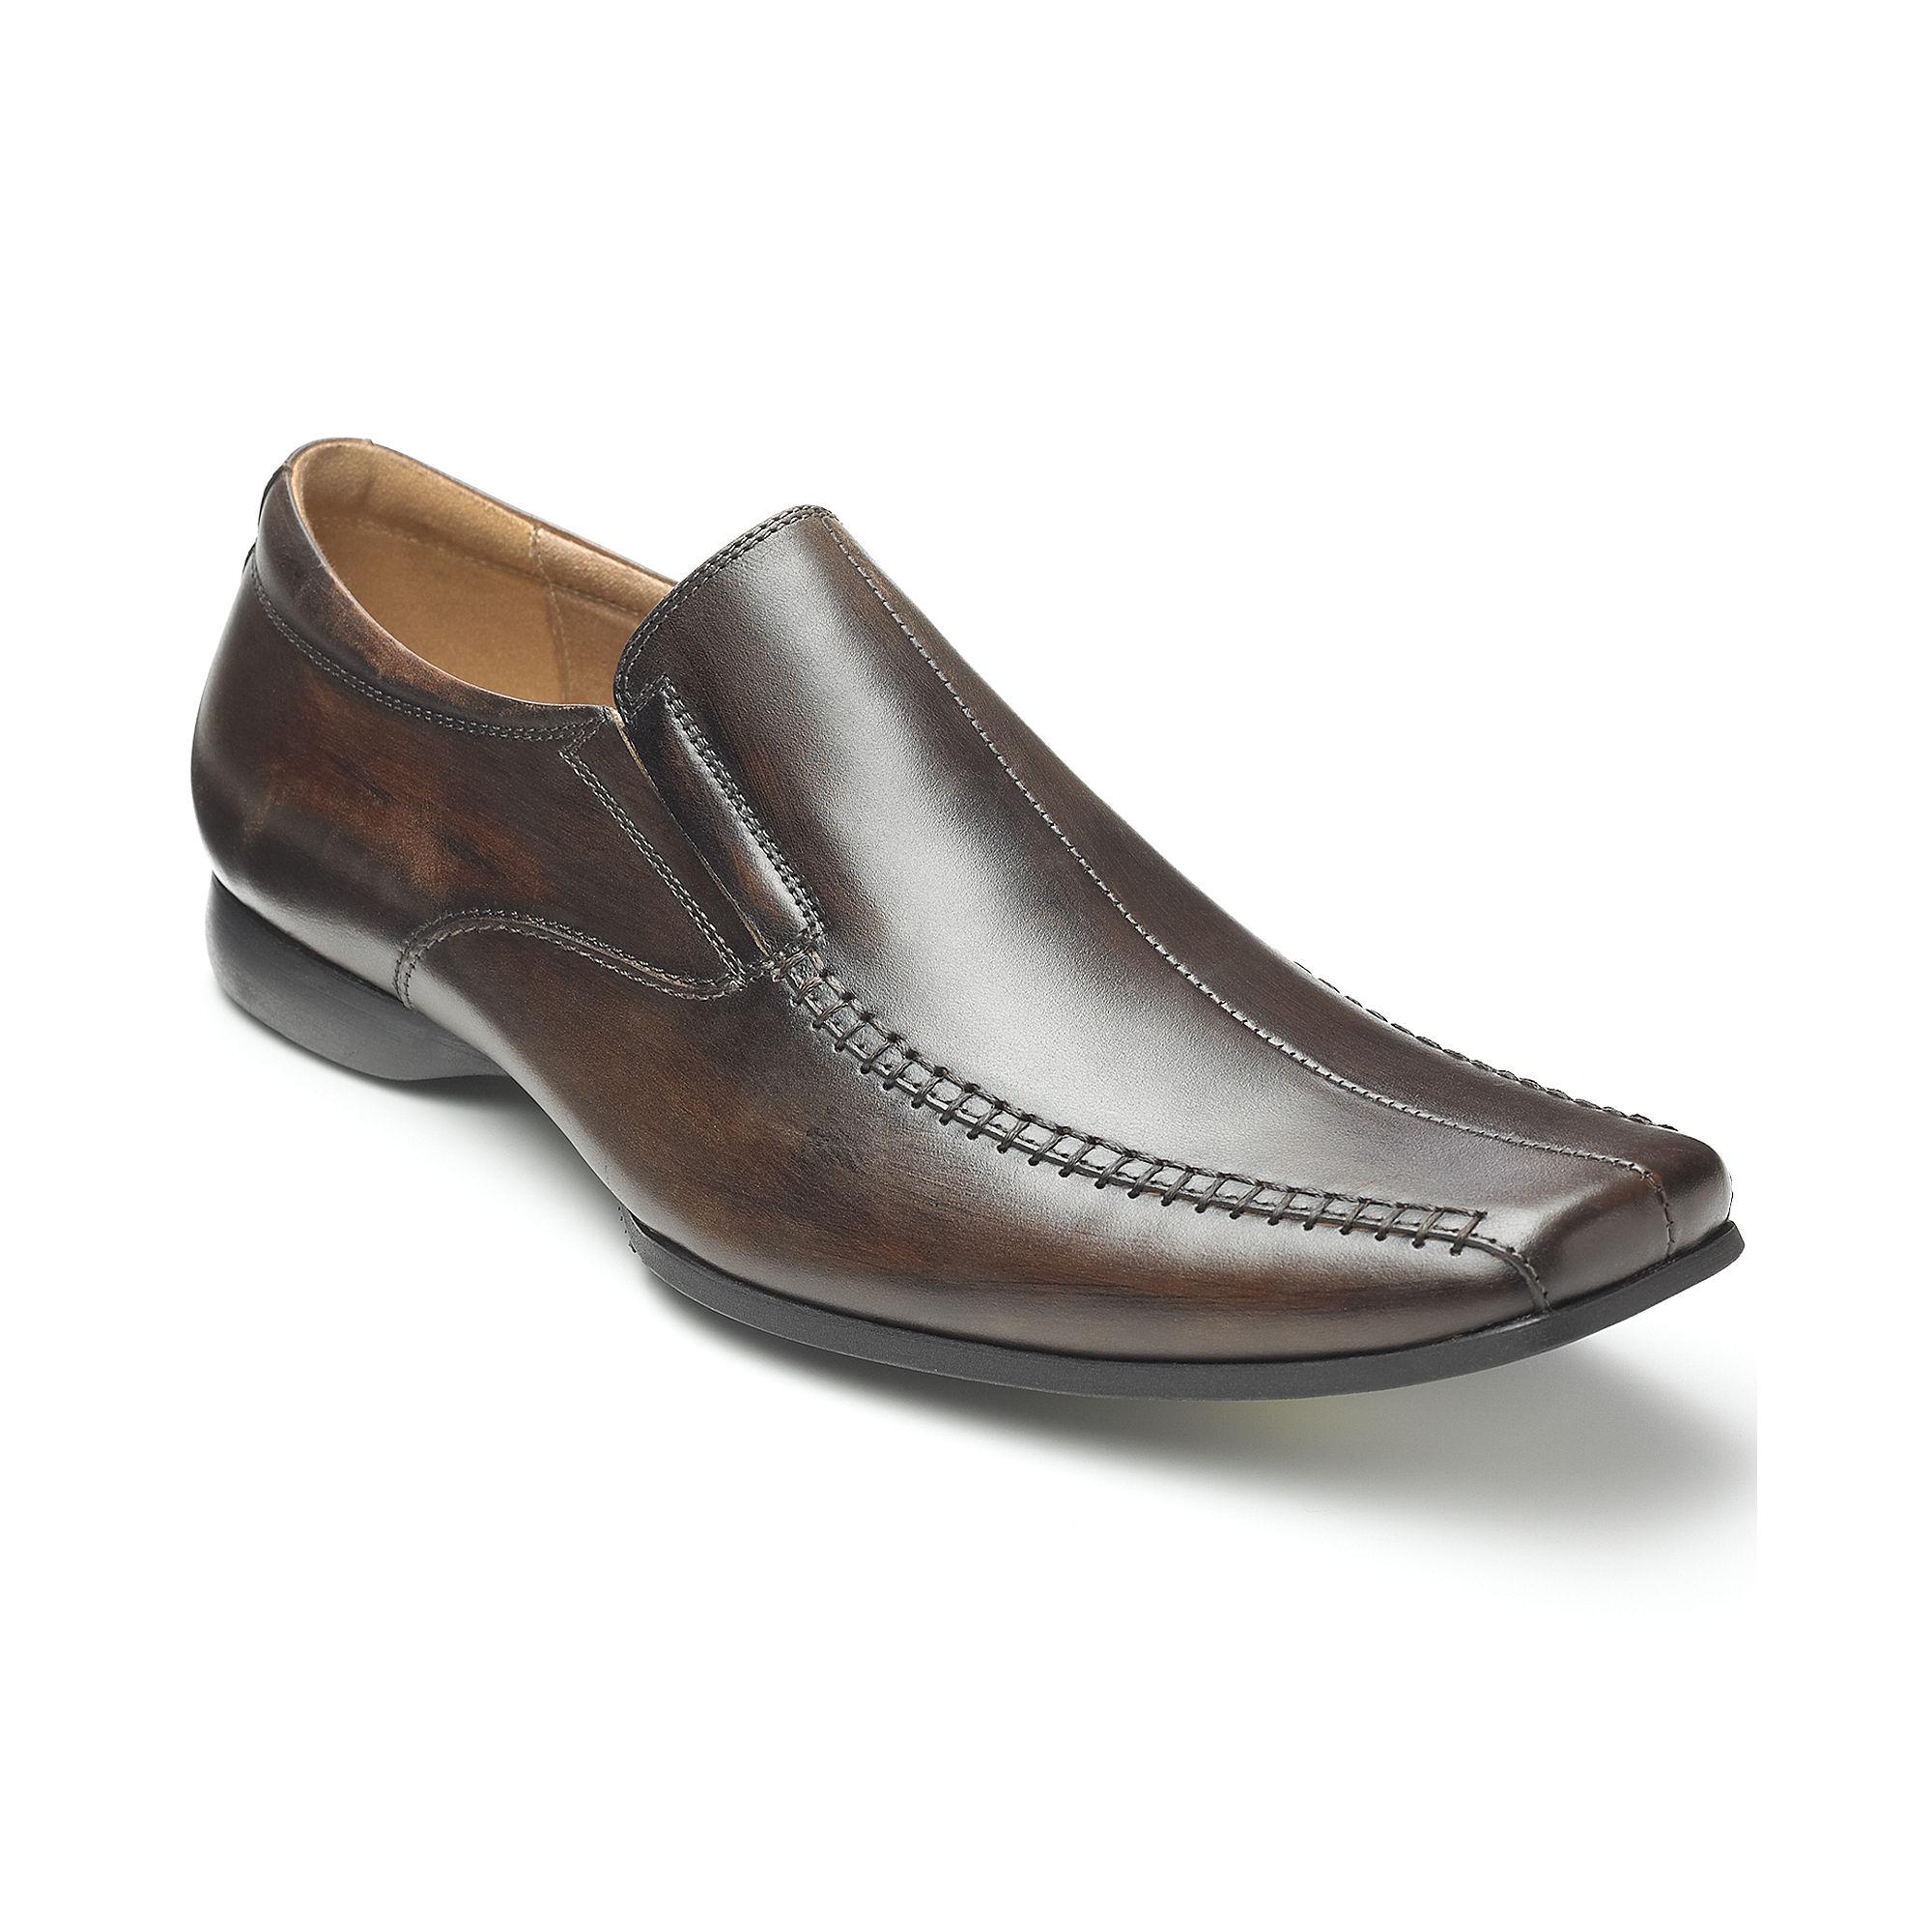 Steve Madden Carano Slipon Dress Shoes in Black for Men